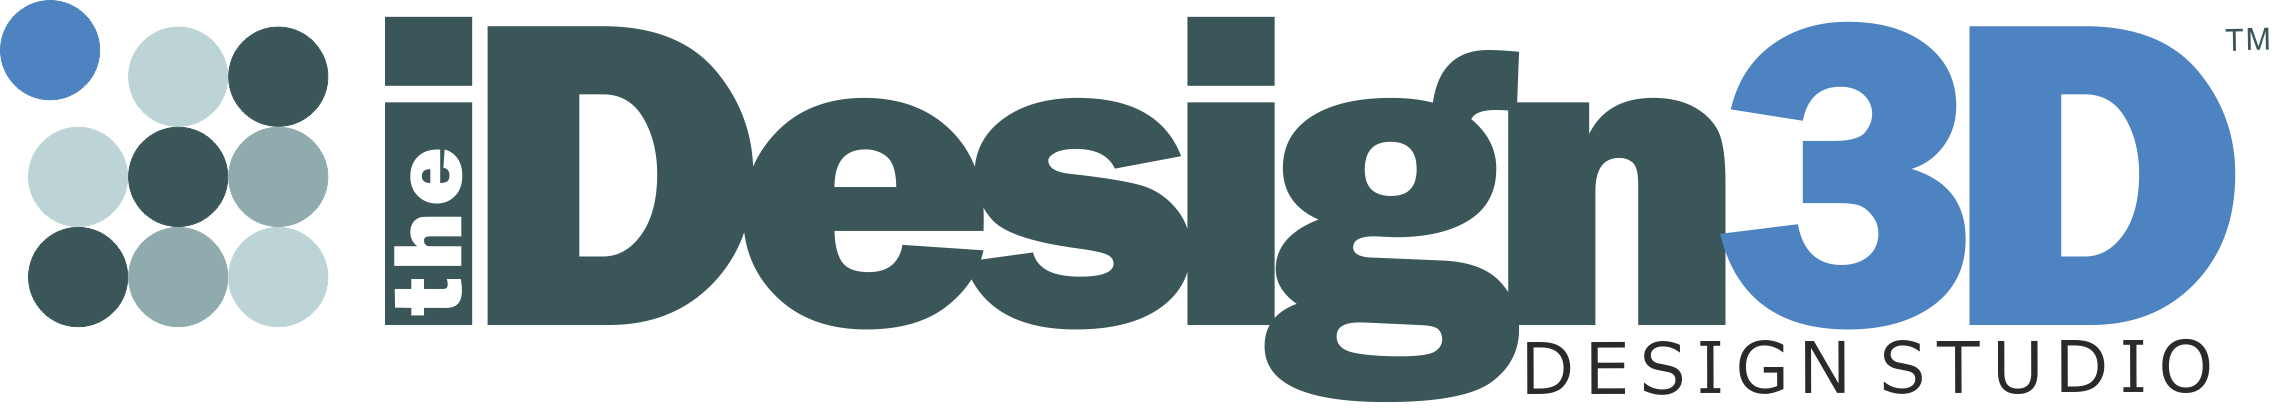 1. Logo 2016 (png)